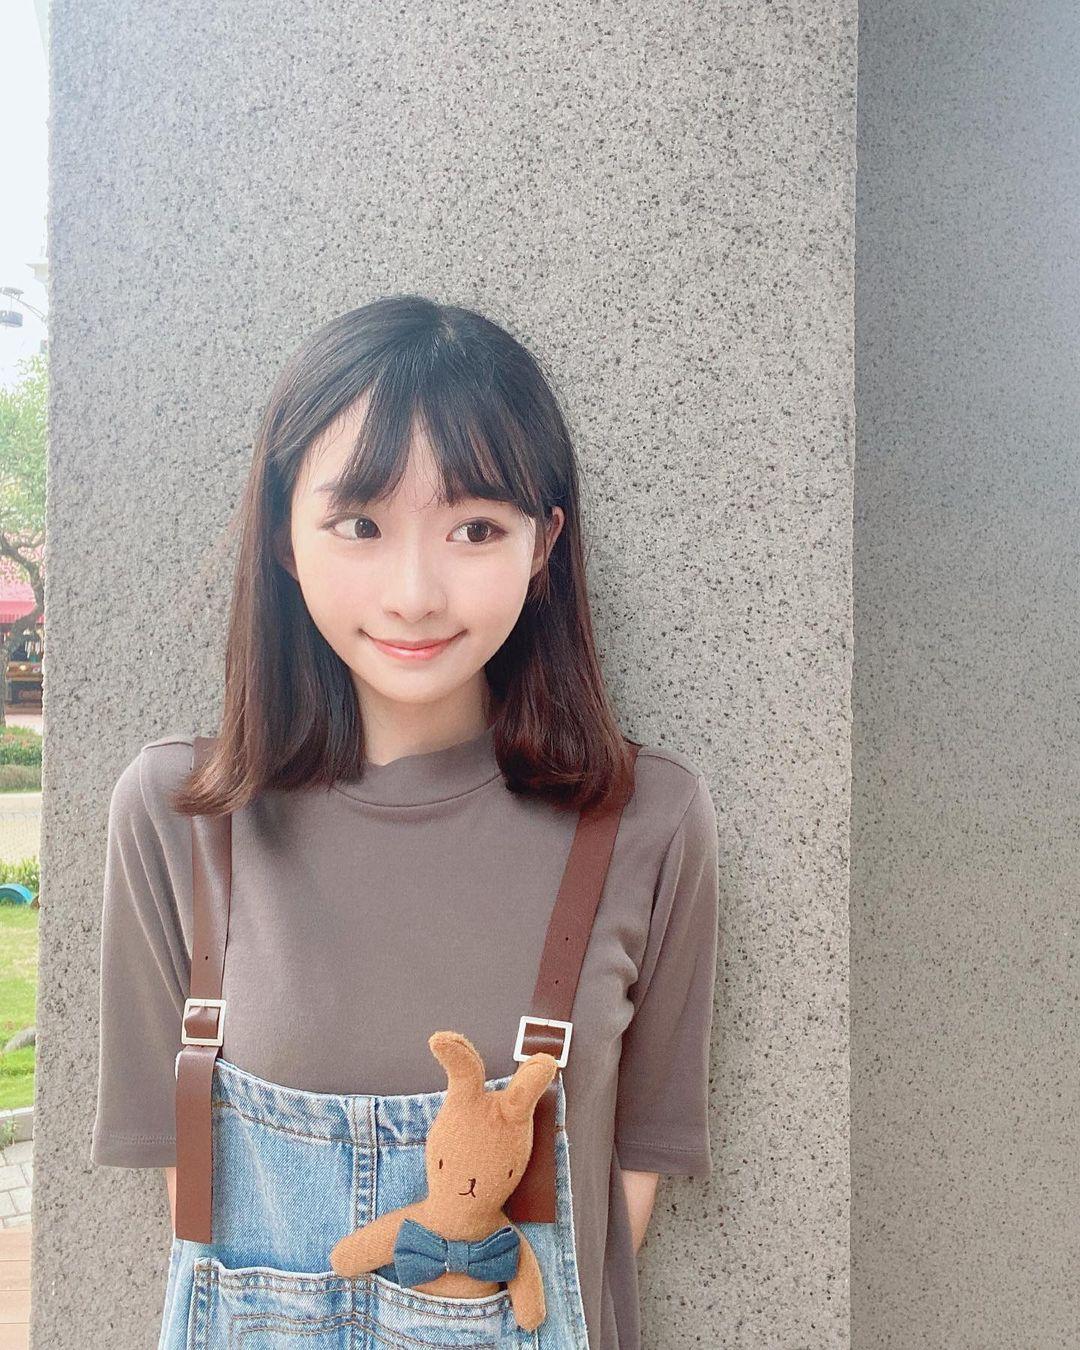 音乐女神@林涵钰Ruri拥有一双会笑的眼睛,个人照太可爱了